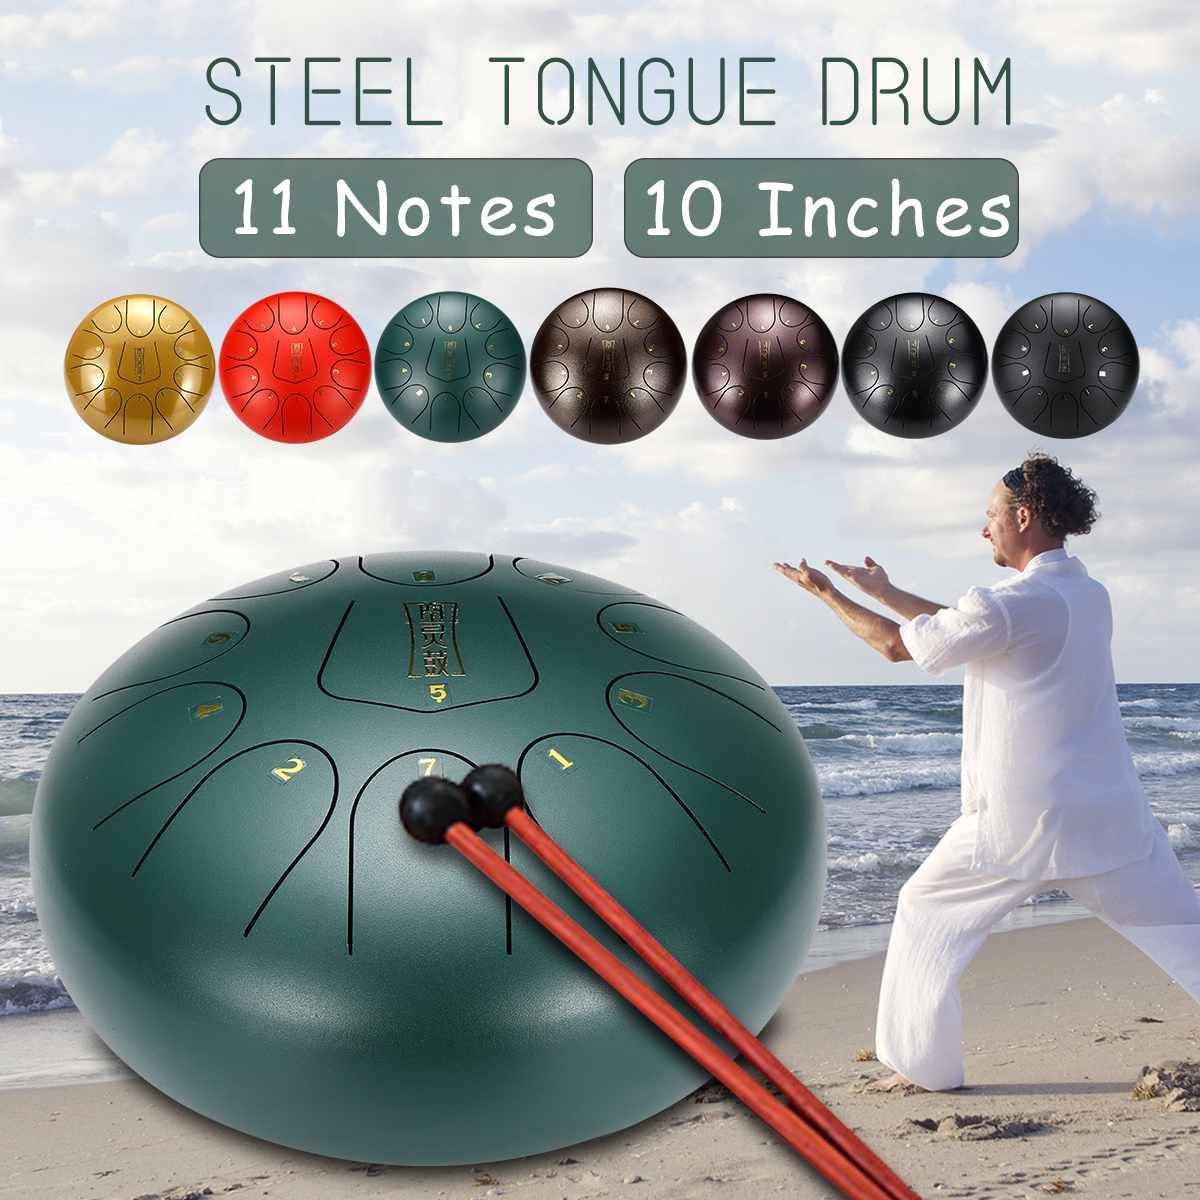 10 дюймов 11 примечаний основной стальной барабан для язычка ручной барабан с палочками с пальцами для йоги медитации Zazen Relax|Барабан| | АлиЭкспресс